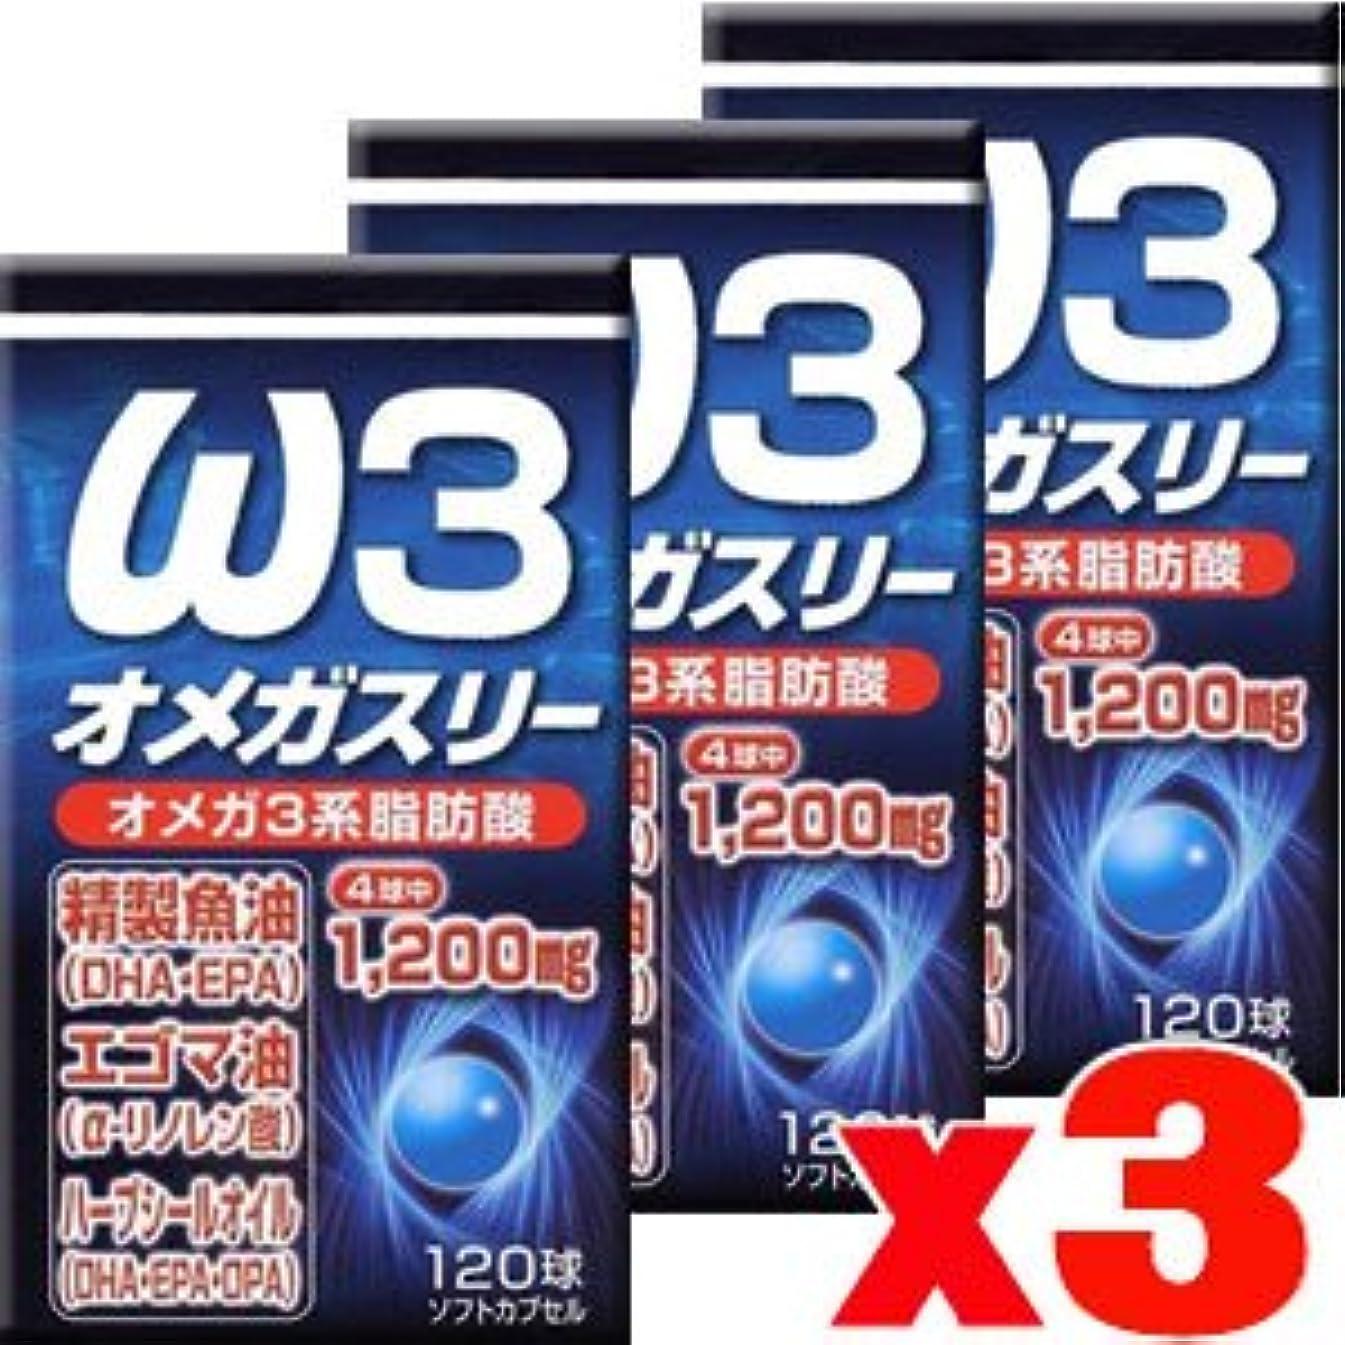 アンソロジー針先のことを考えるユウキ製薬 オメガスリー 120球x3個(4524326201898)